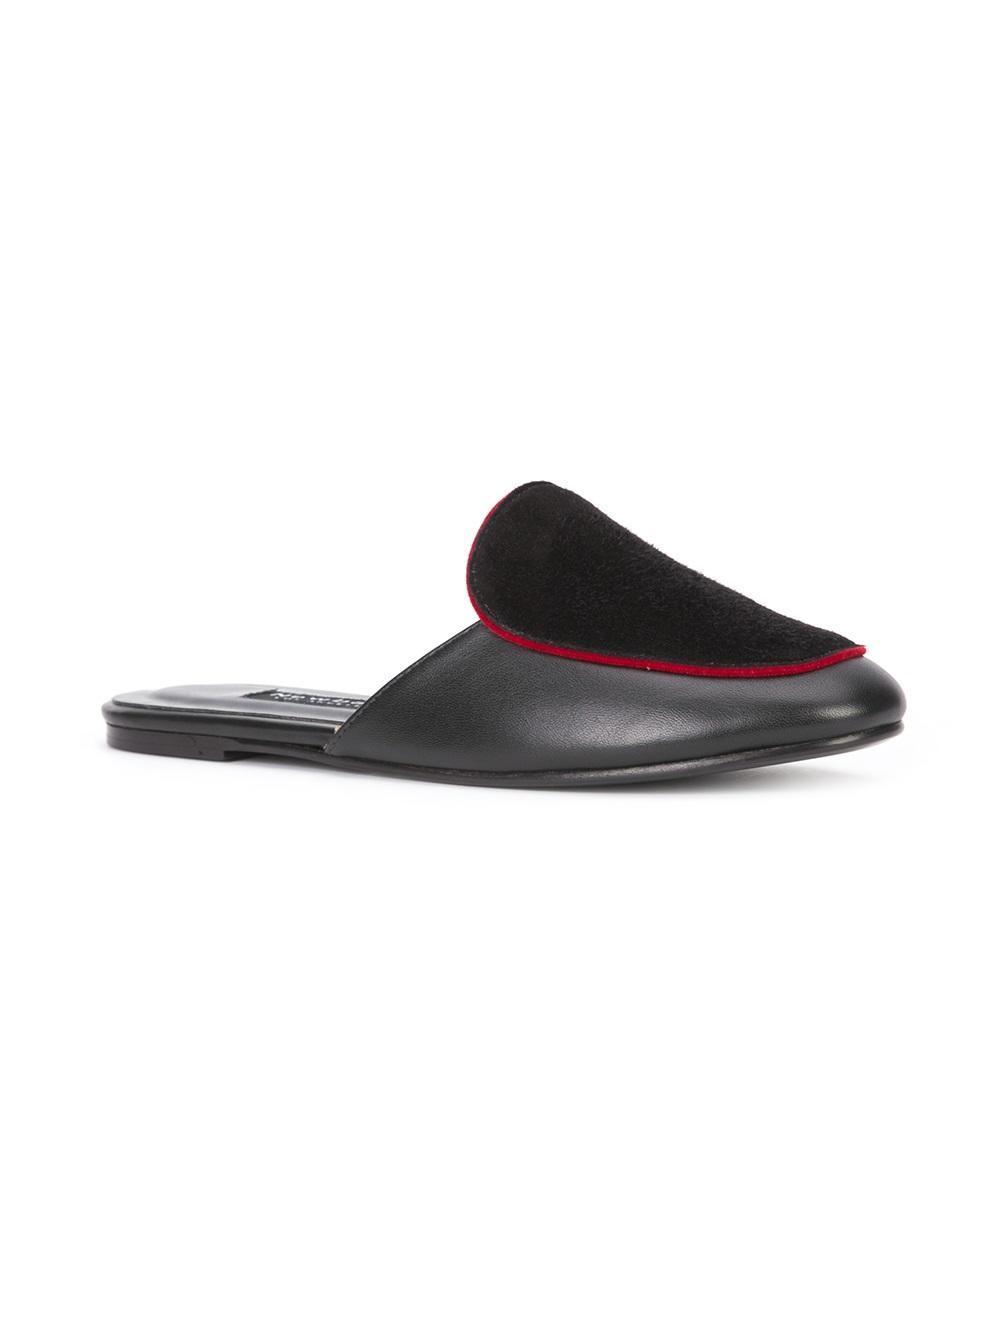 Anacapri Shoes Uk